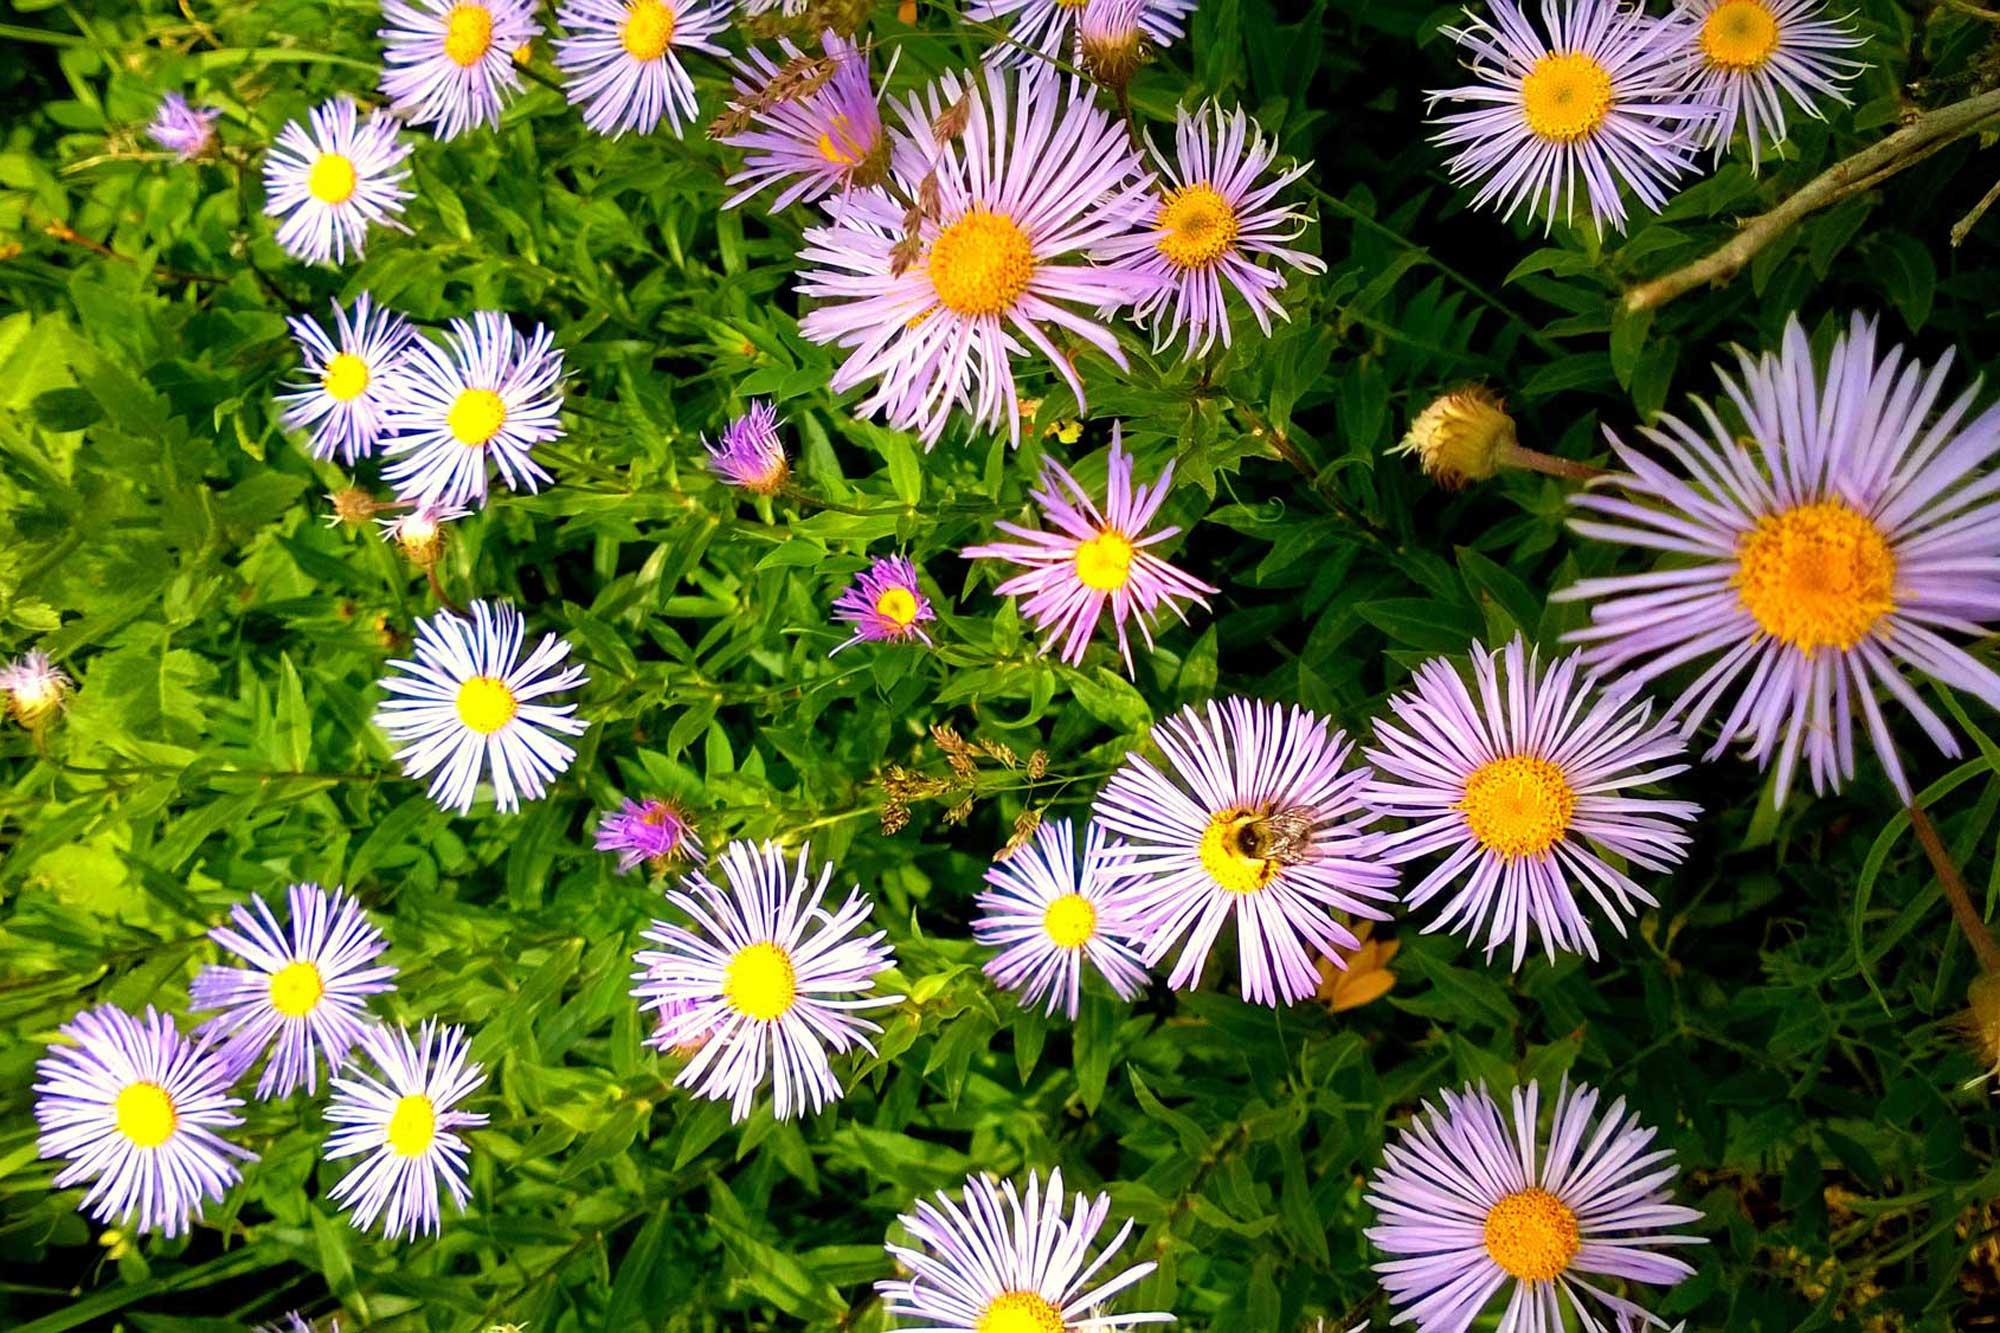 Planiranje vrta: Priprema za proljetno uređenje okućnice smještajnog objekta - zvjezdani